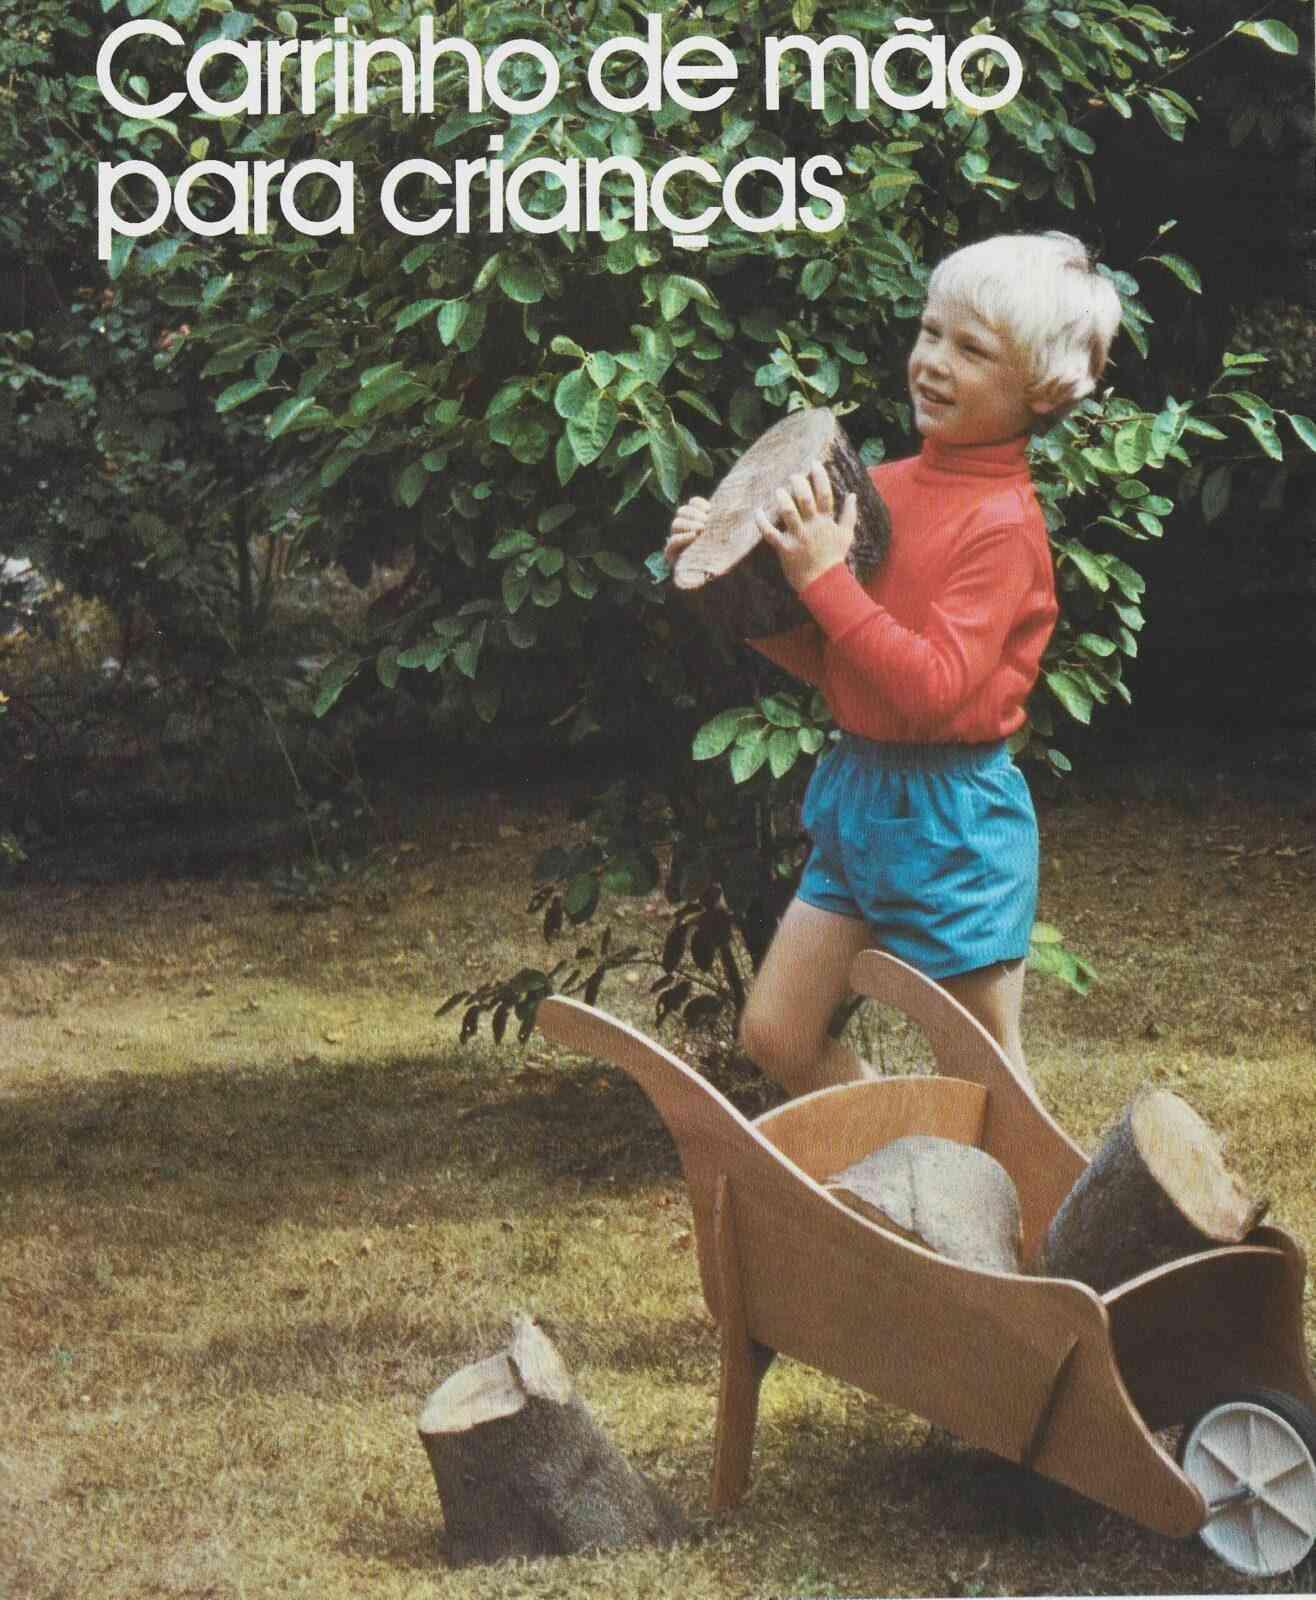 carrinho de mão para crianças